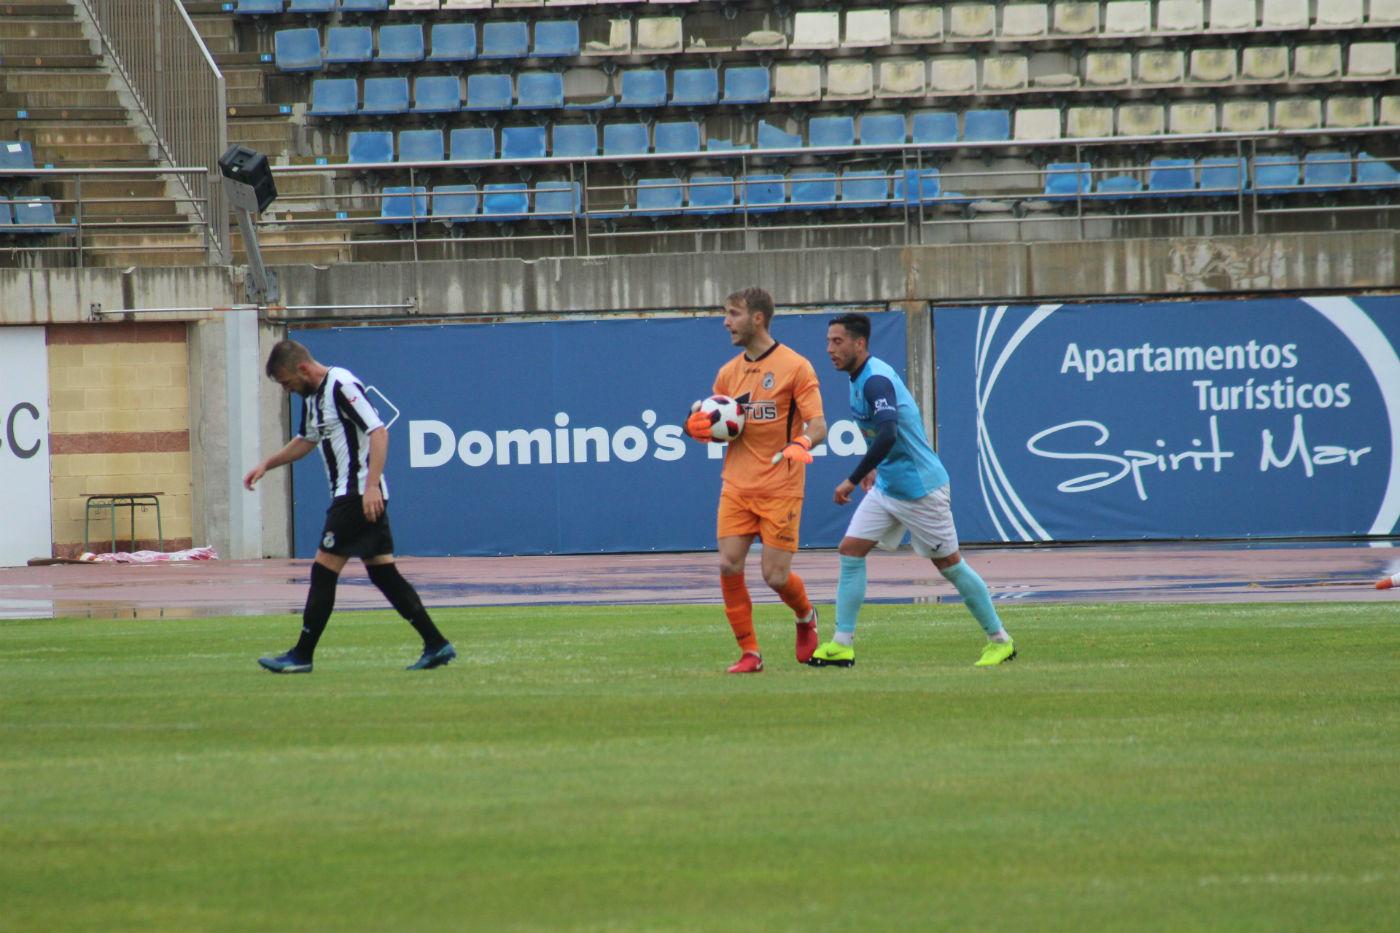 Los ejidenses se juegan el domingo frente al Don Benito más que tres puntos